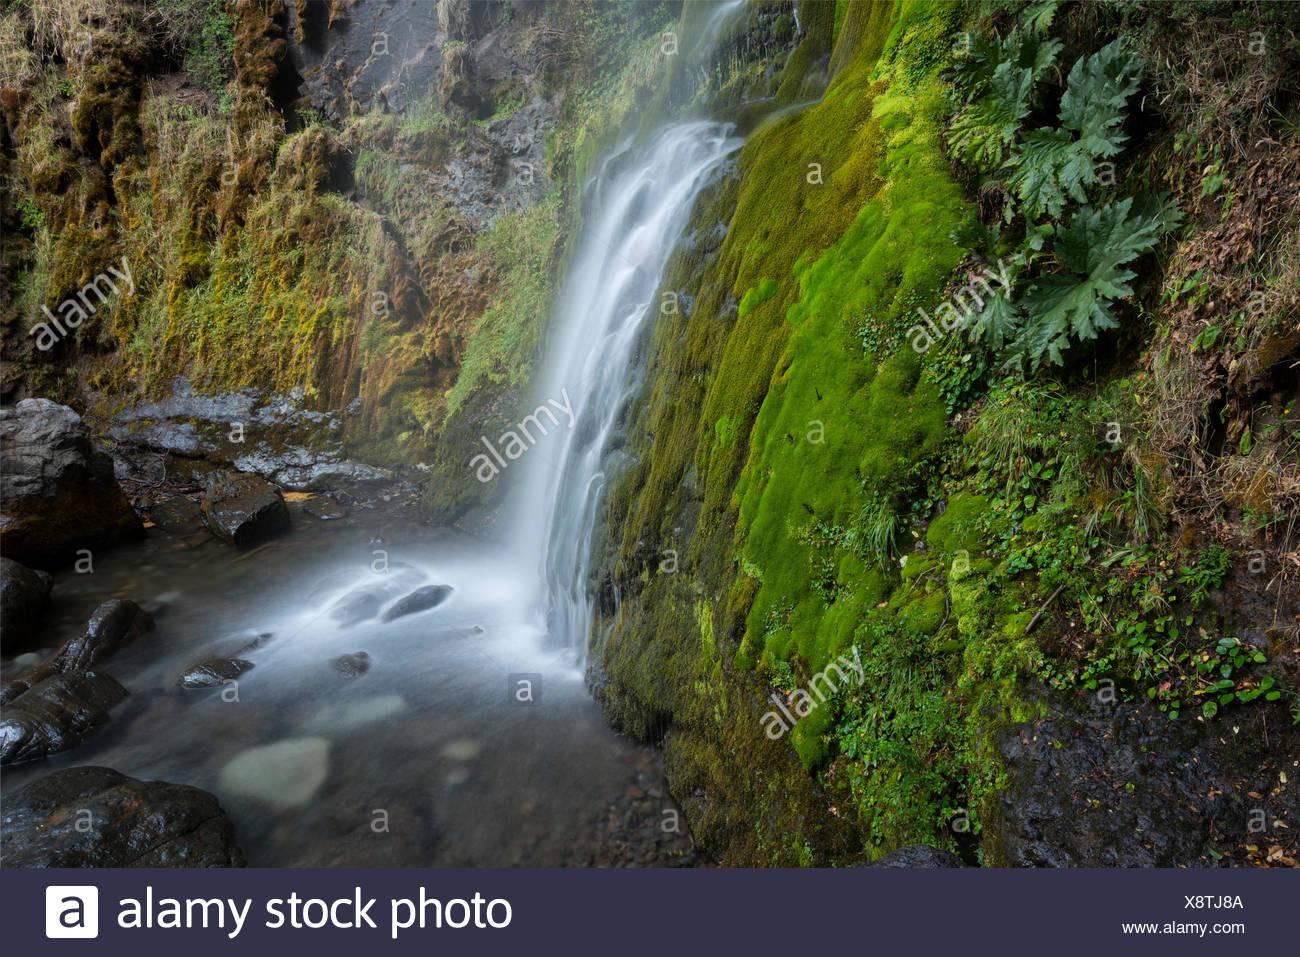 América del Sur, Argentina, Patagonia,Rio Negro,Esquel,cascada en el Parque Nacional Los Alerces, Imagen De Stock